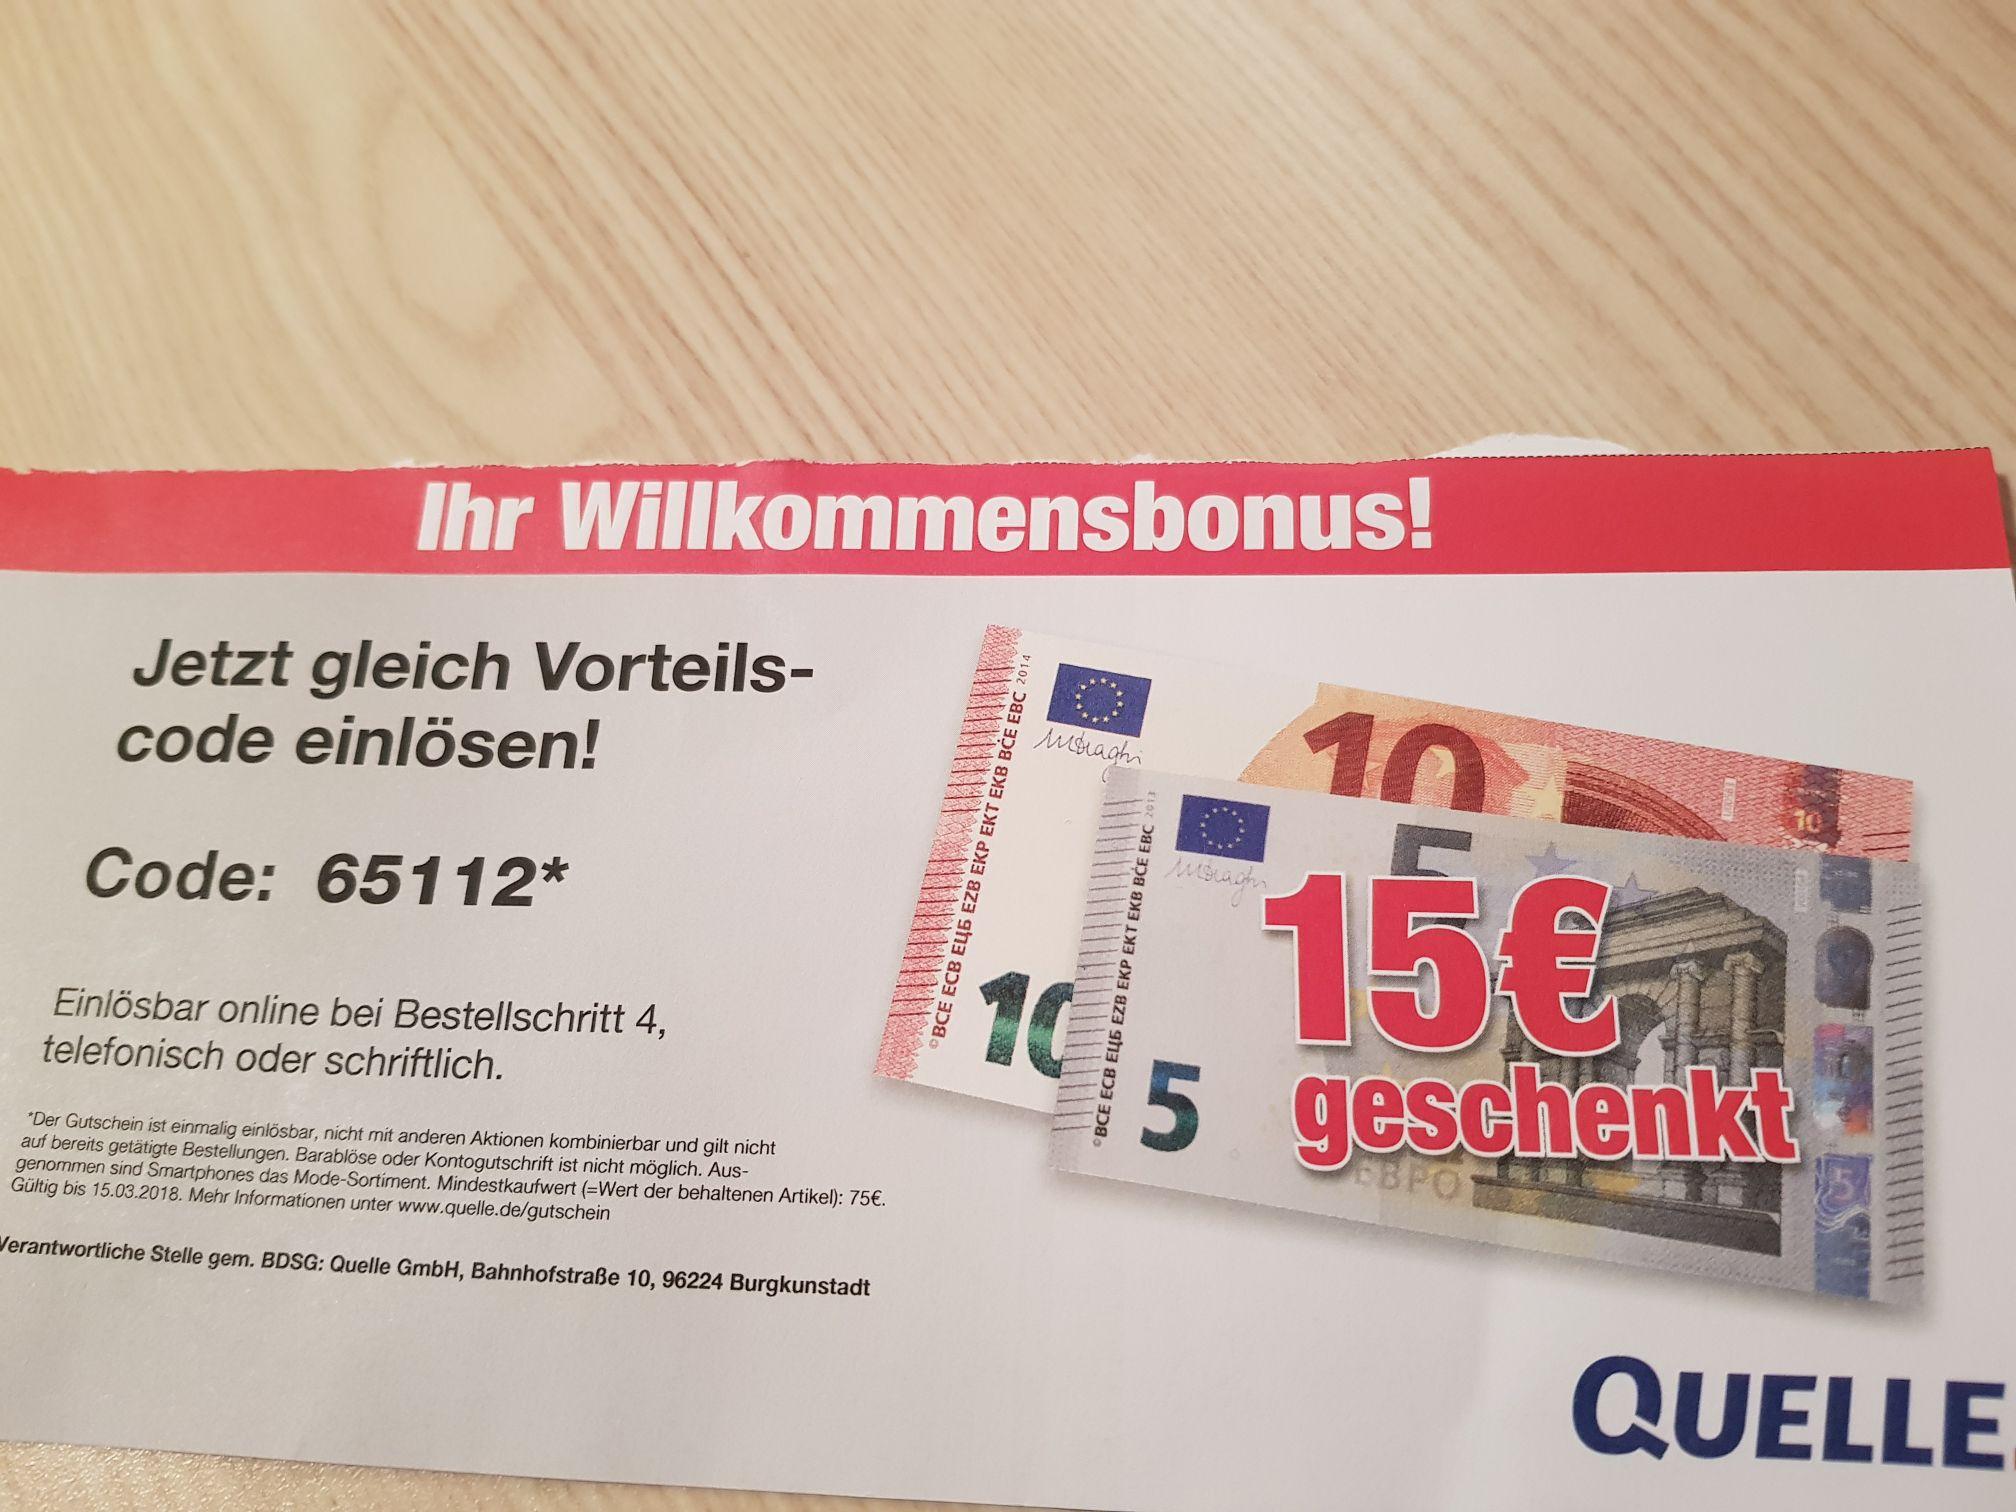 15 EUR Rabatt auf alles (außer Smartphones & Mode) / MBW 75 EUR